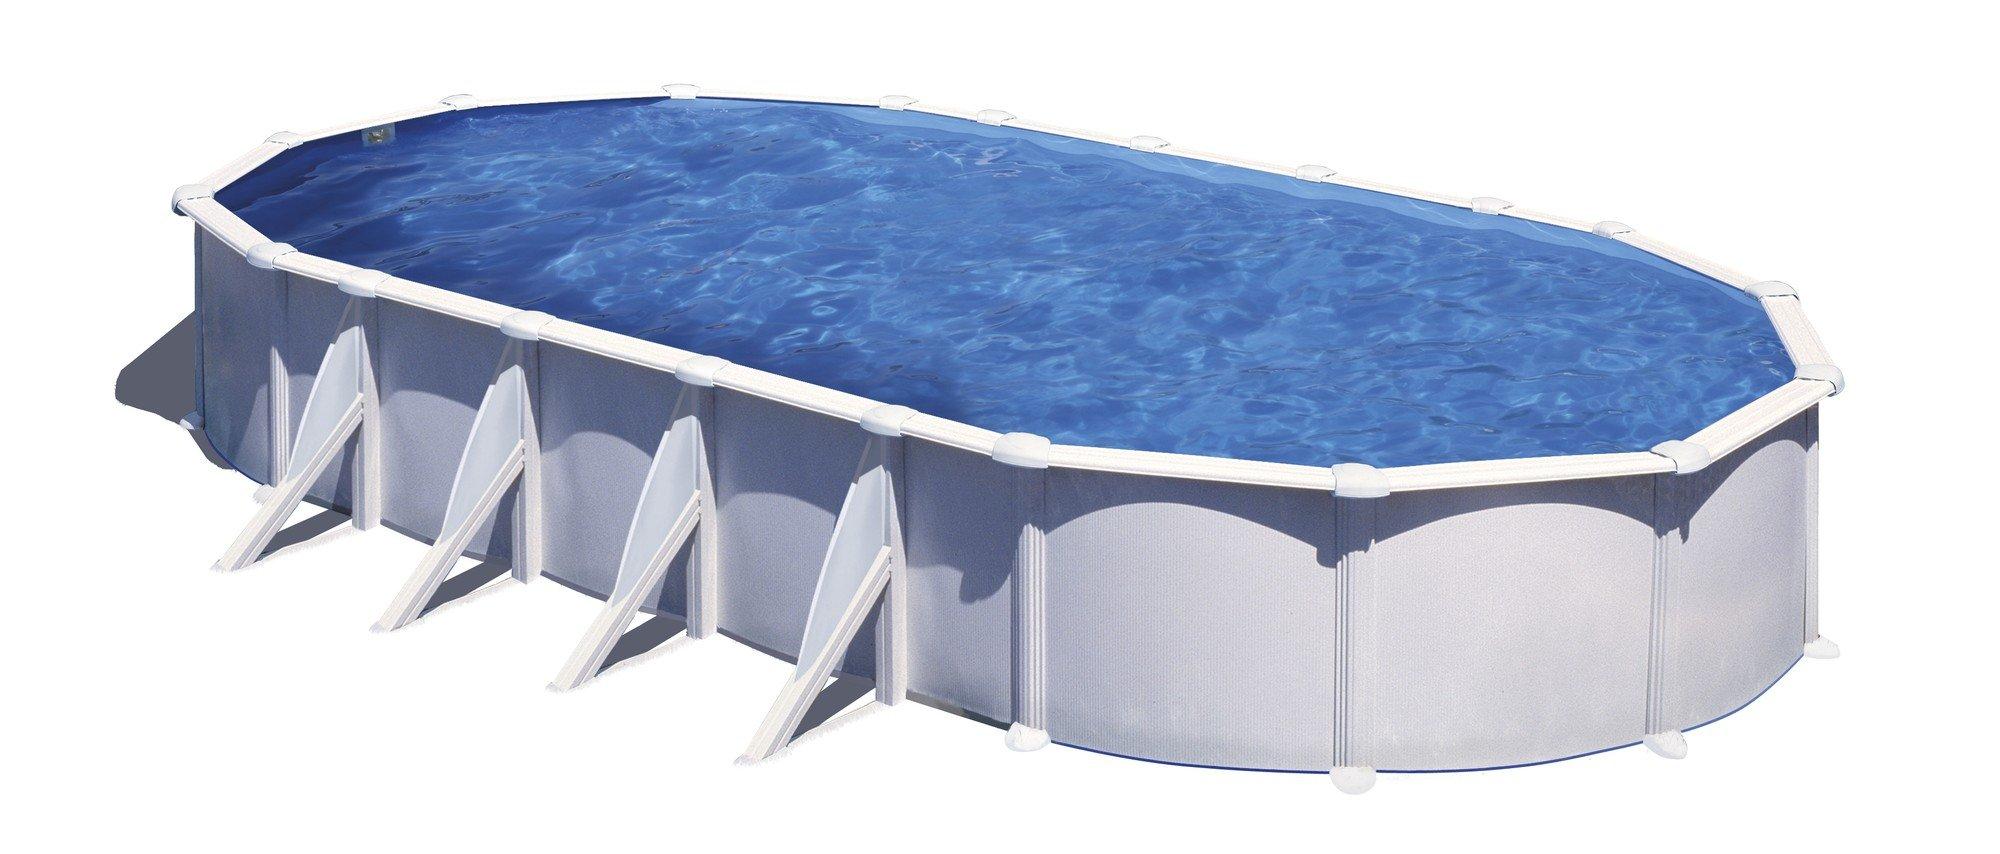 Afbeelding van Gré Atlantis stalen zwembad - 915 x 470 x 132 cm